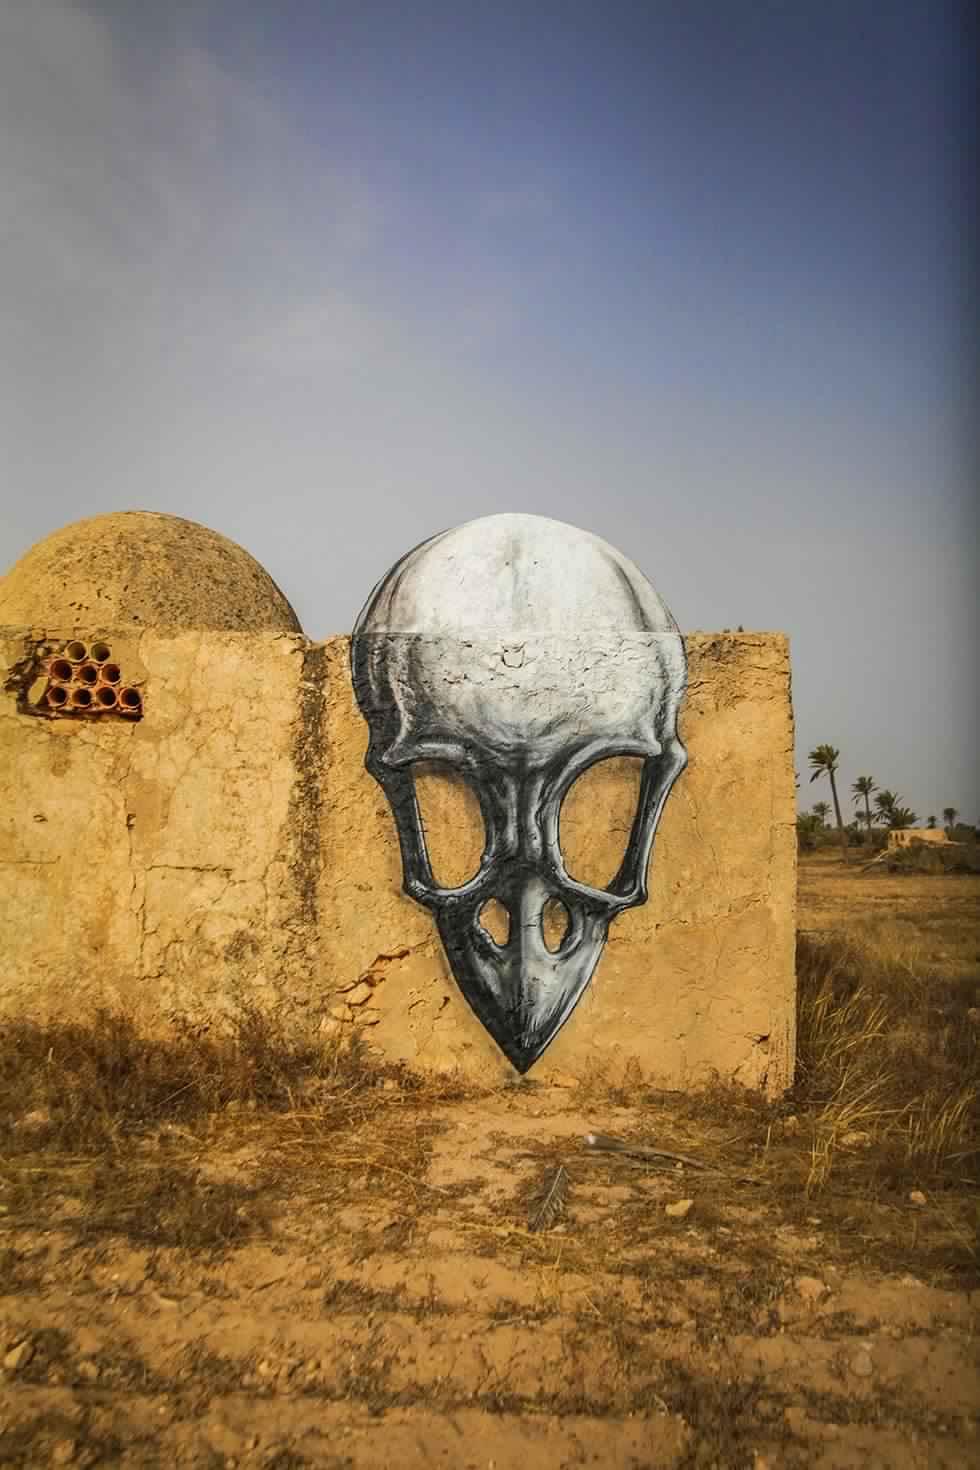 djerba-hood-djerbahood-street-art-Gallery Itinerance-streetart-roa-couole-dome